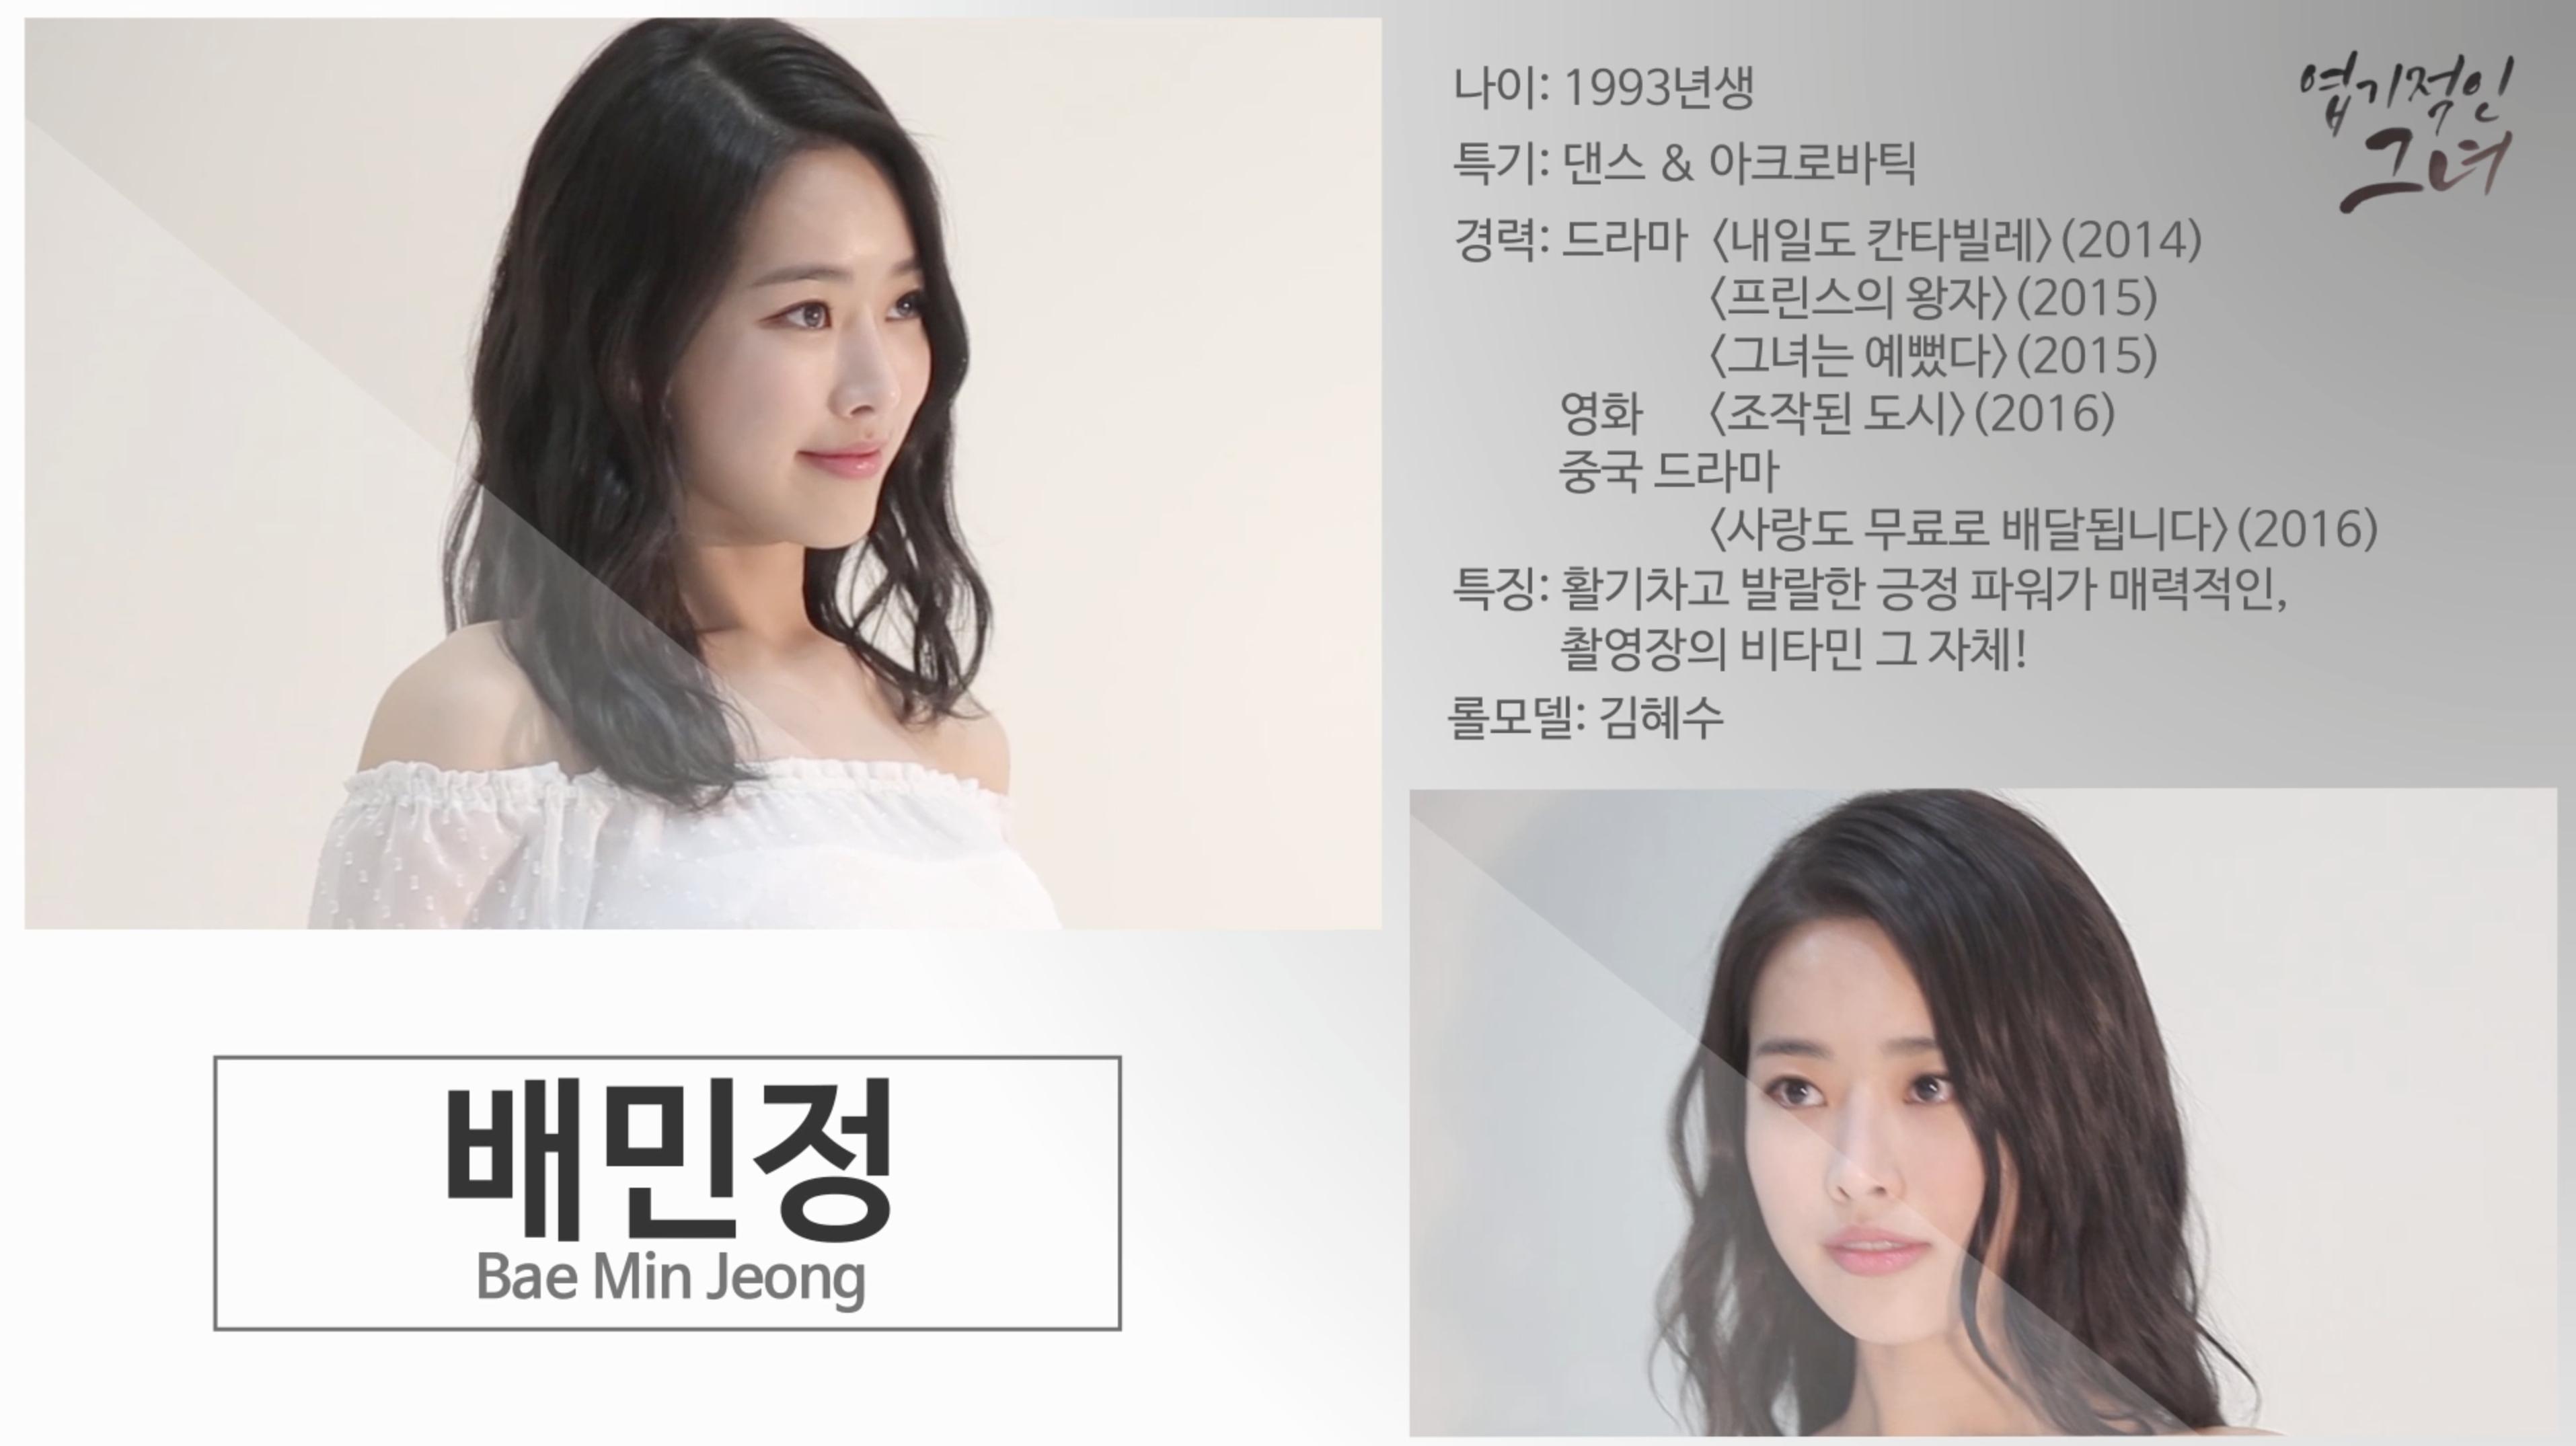 [엽기적인 그녀] 배민정 자기소개 영상 (선공개)